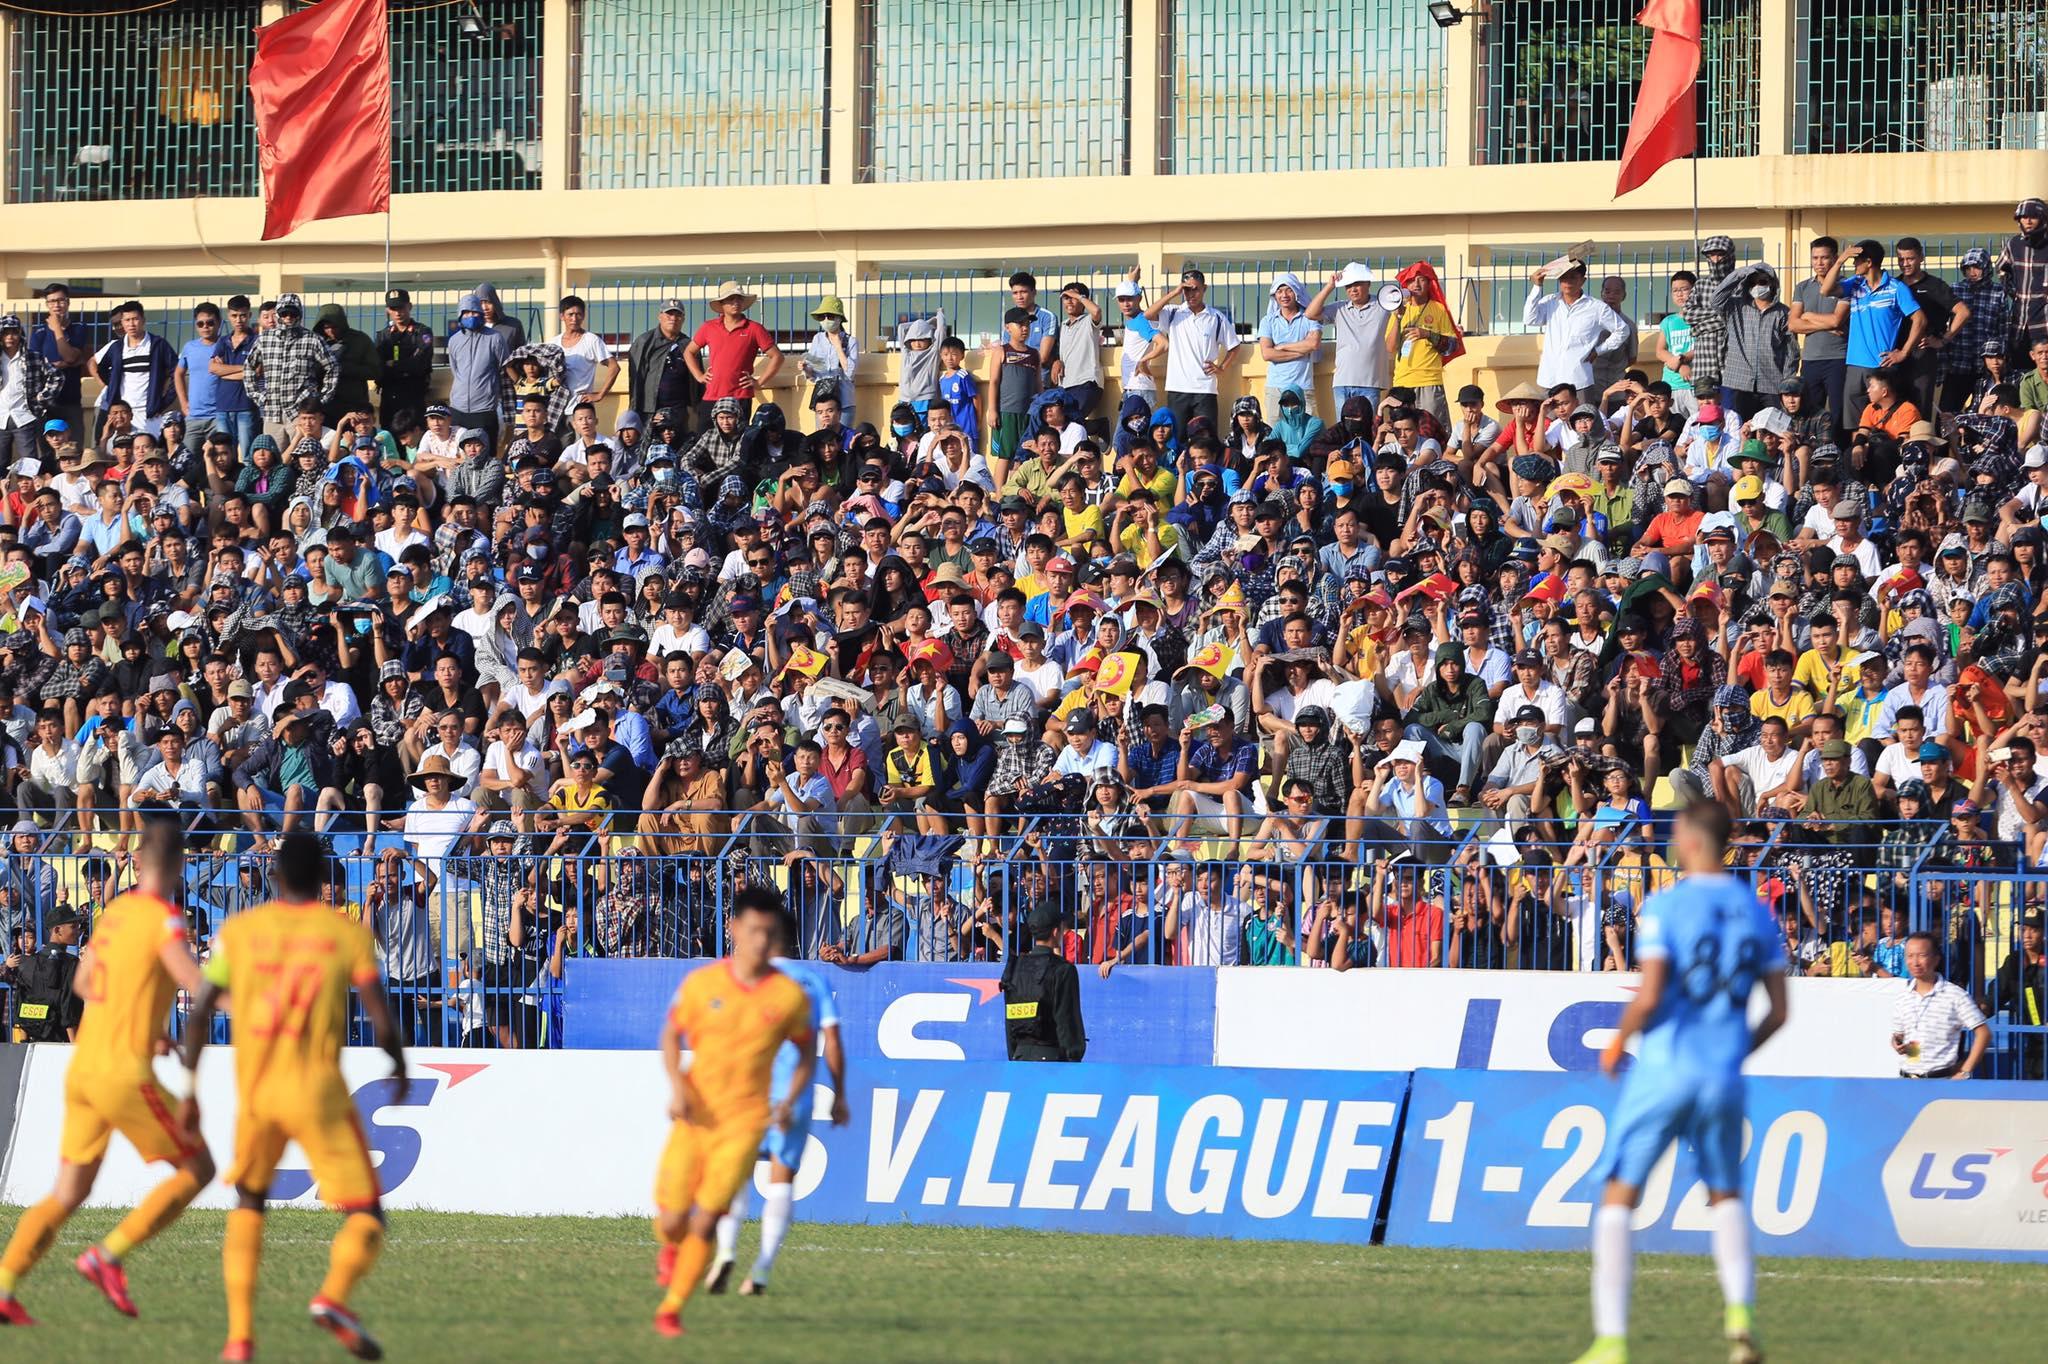 Vòng 9 LS V.League 1-2020: Chào đón kỷ lục mới của mùa giải